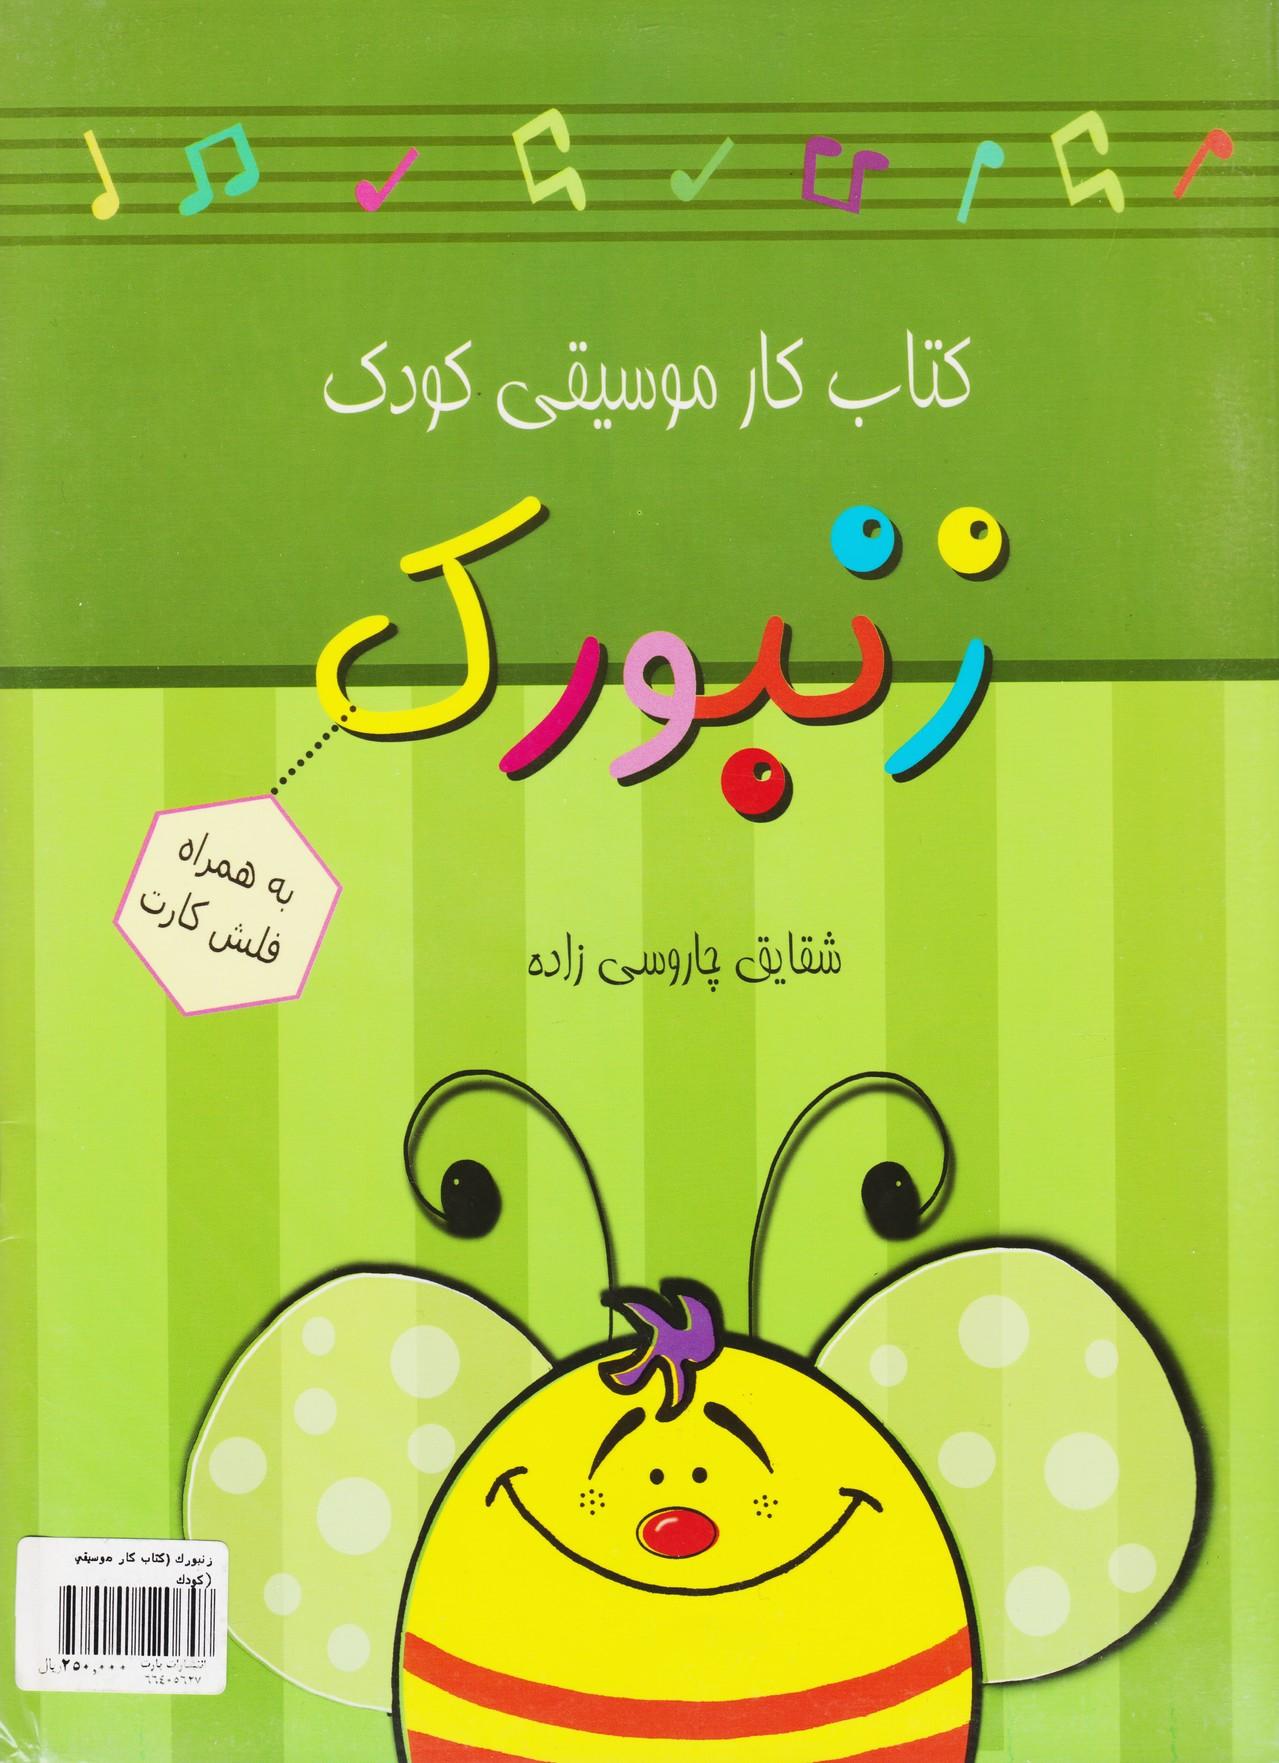 زنبورک (کتاب کار موسیقی کودک)